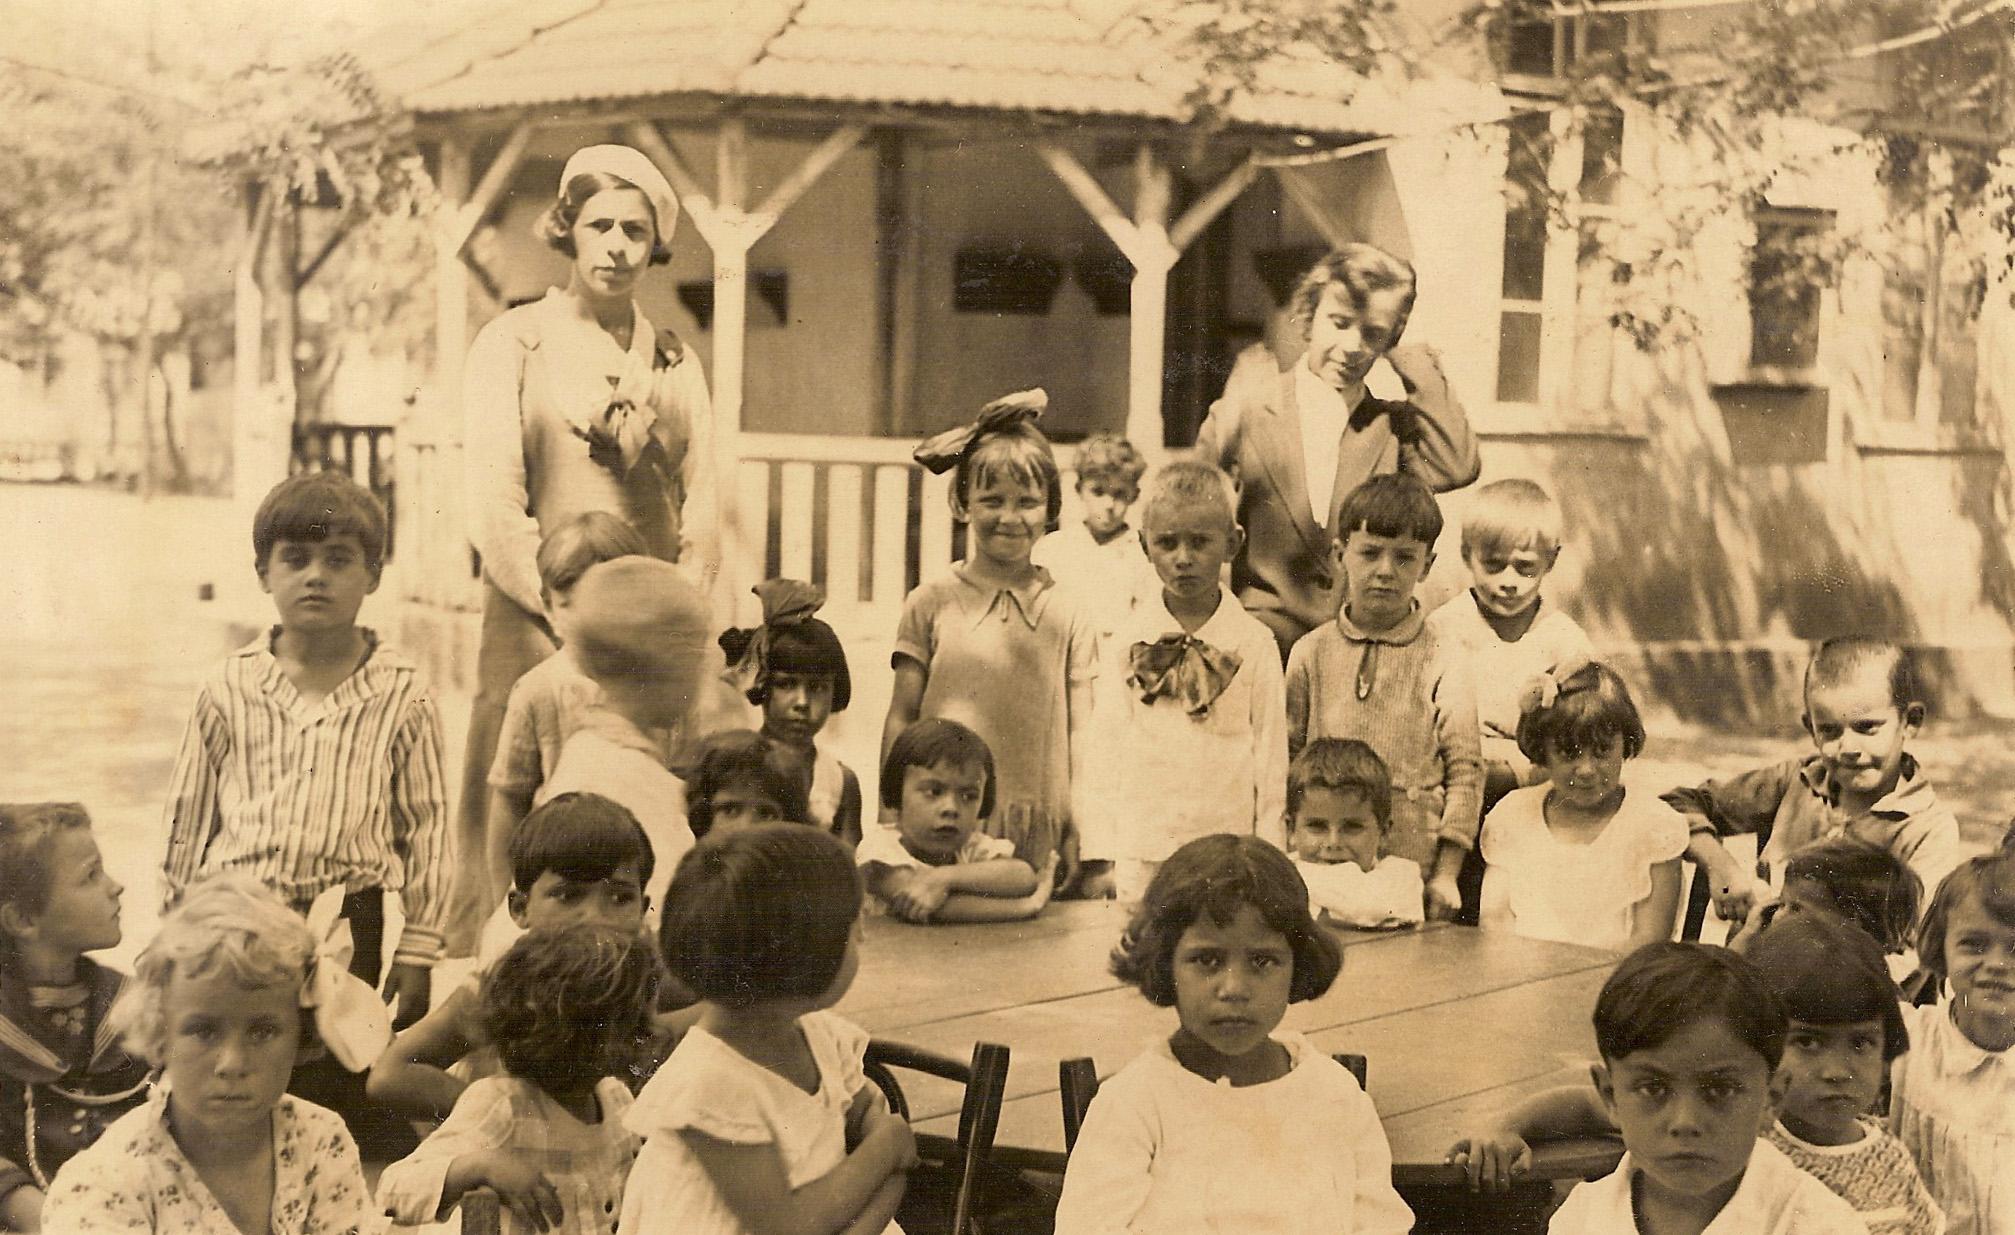 Atividades com crianças em escola (Rio Grande do Sul